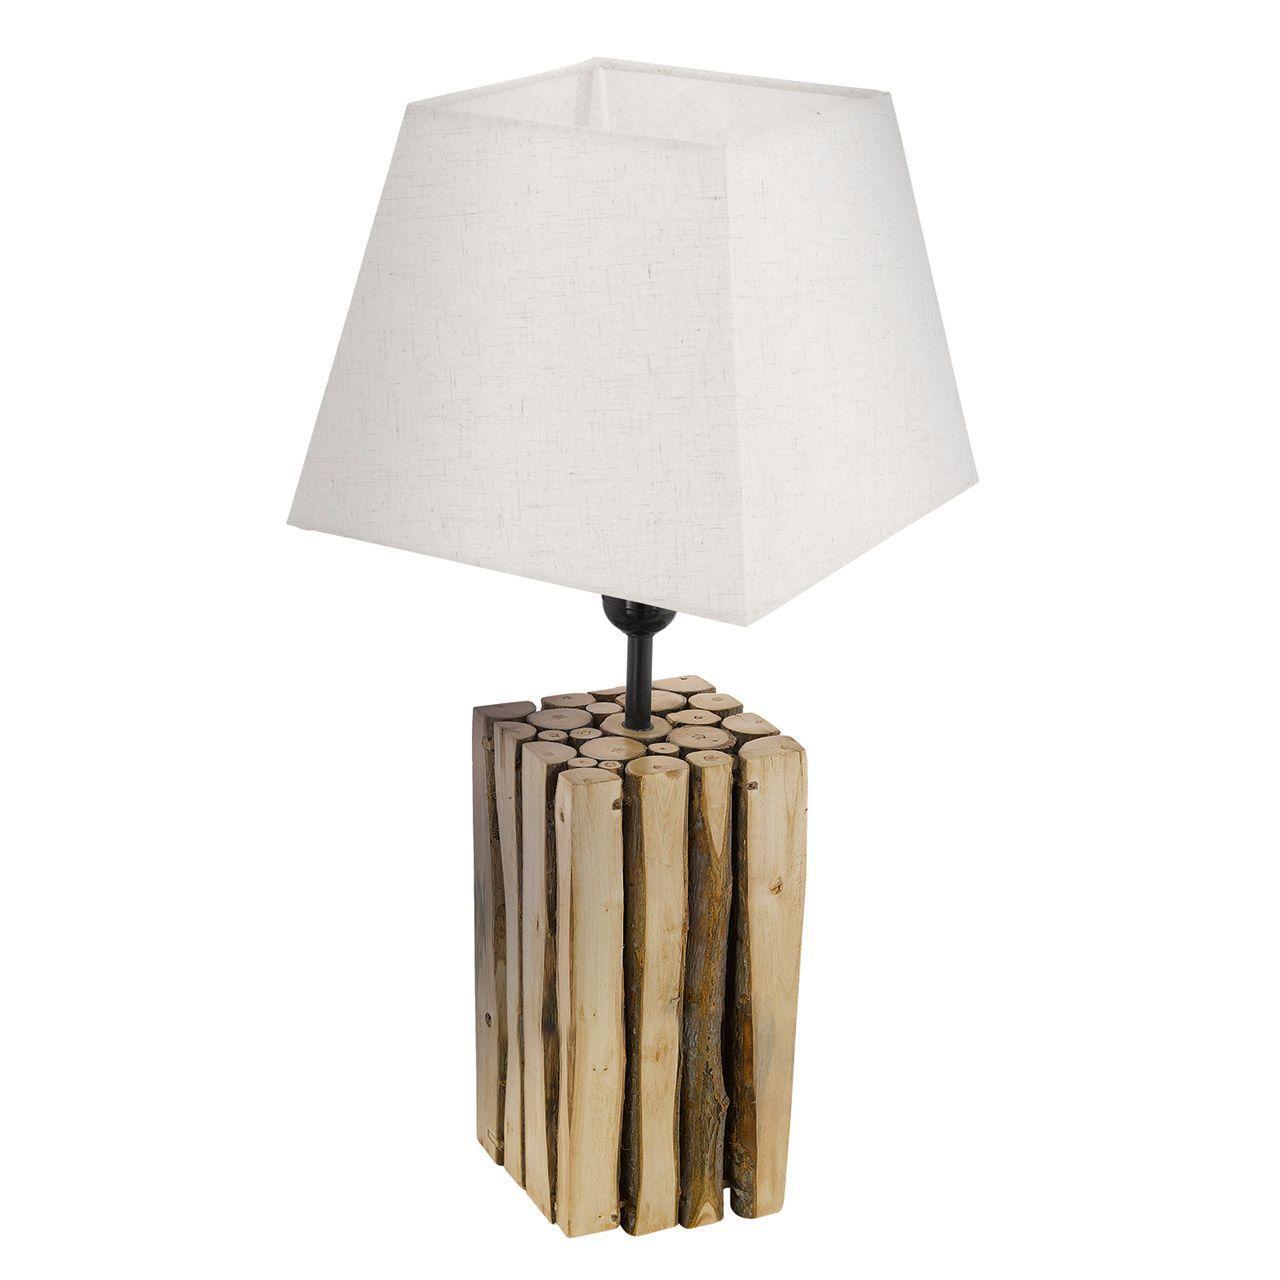 Купить Настольная лампа дизайнерская Emerald в интернет магазине дизайнерской мебели и аксессуаров для дома и дачи